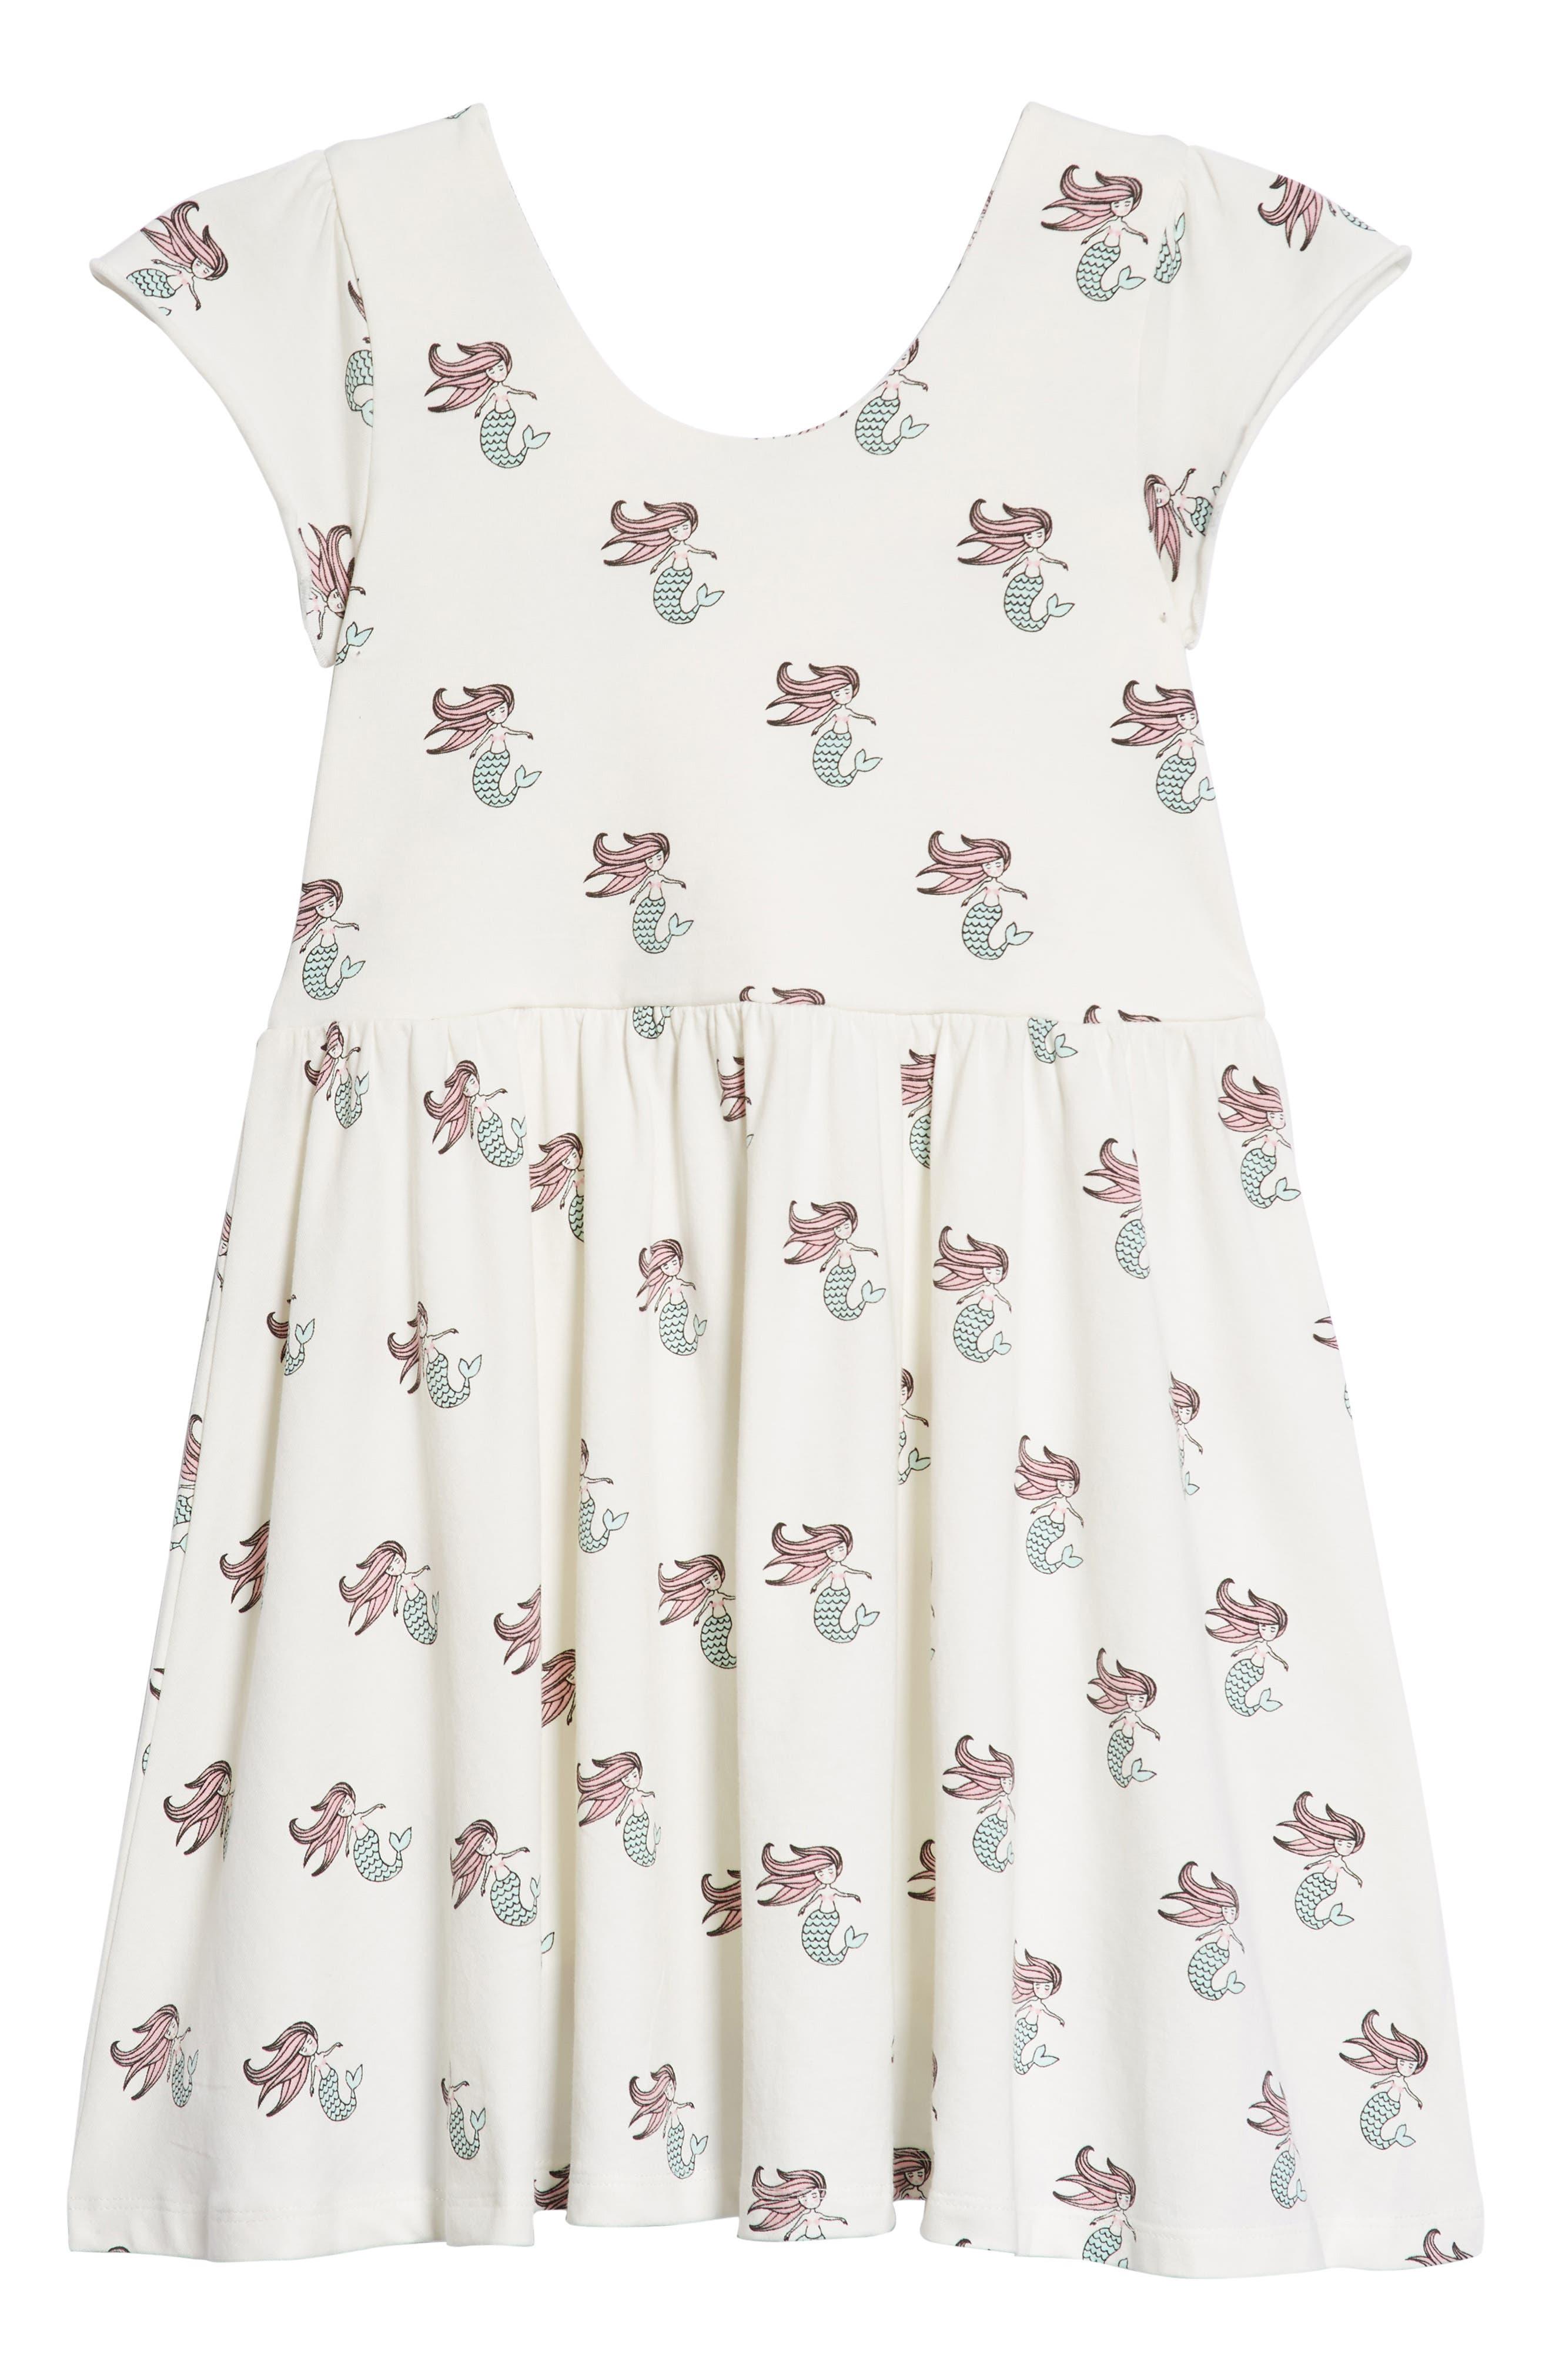 Let's Dance Mermaid Print Dress,                         Main,                         color, 100